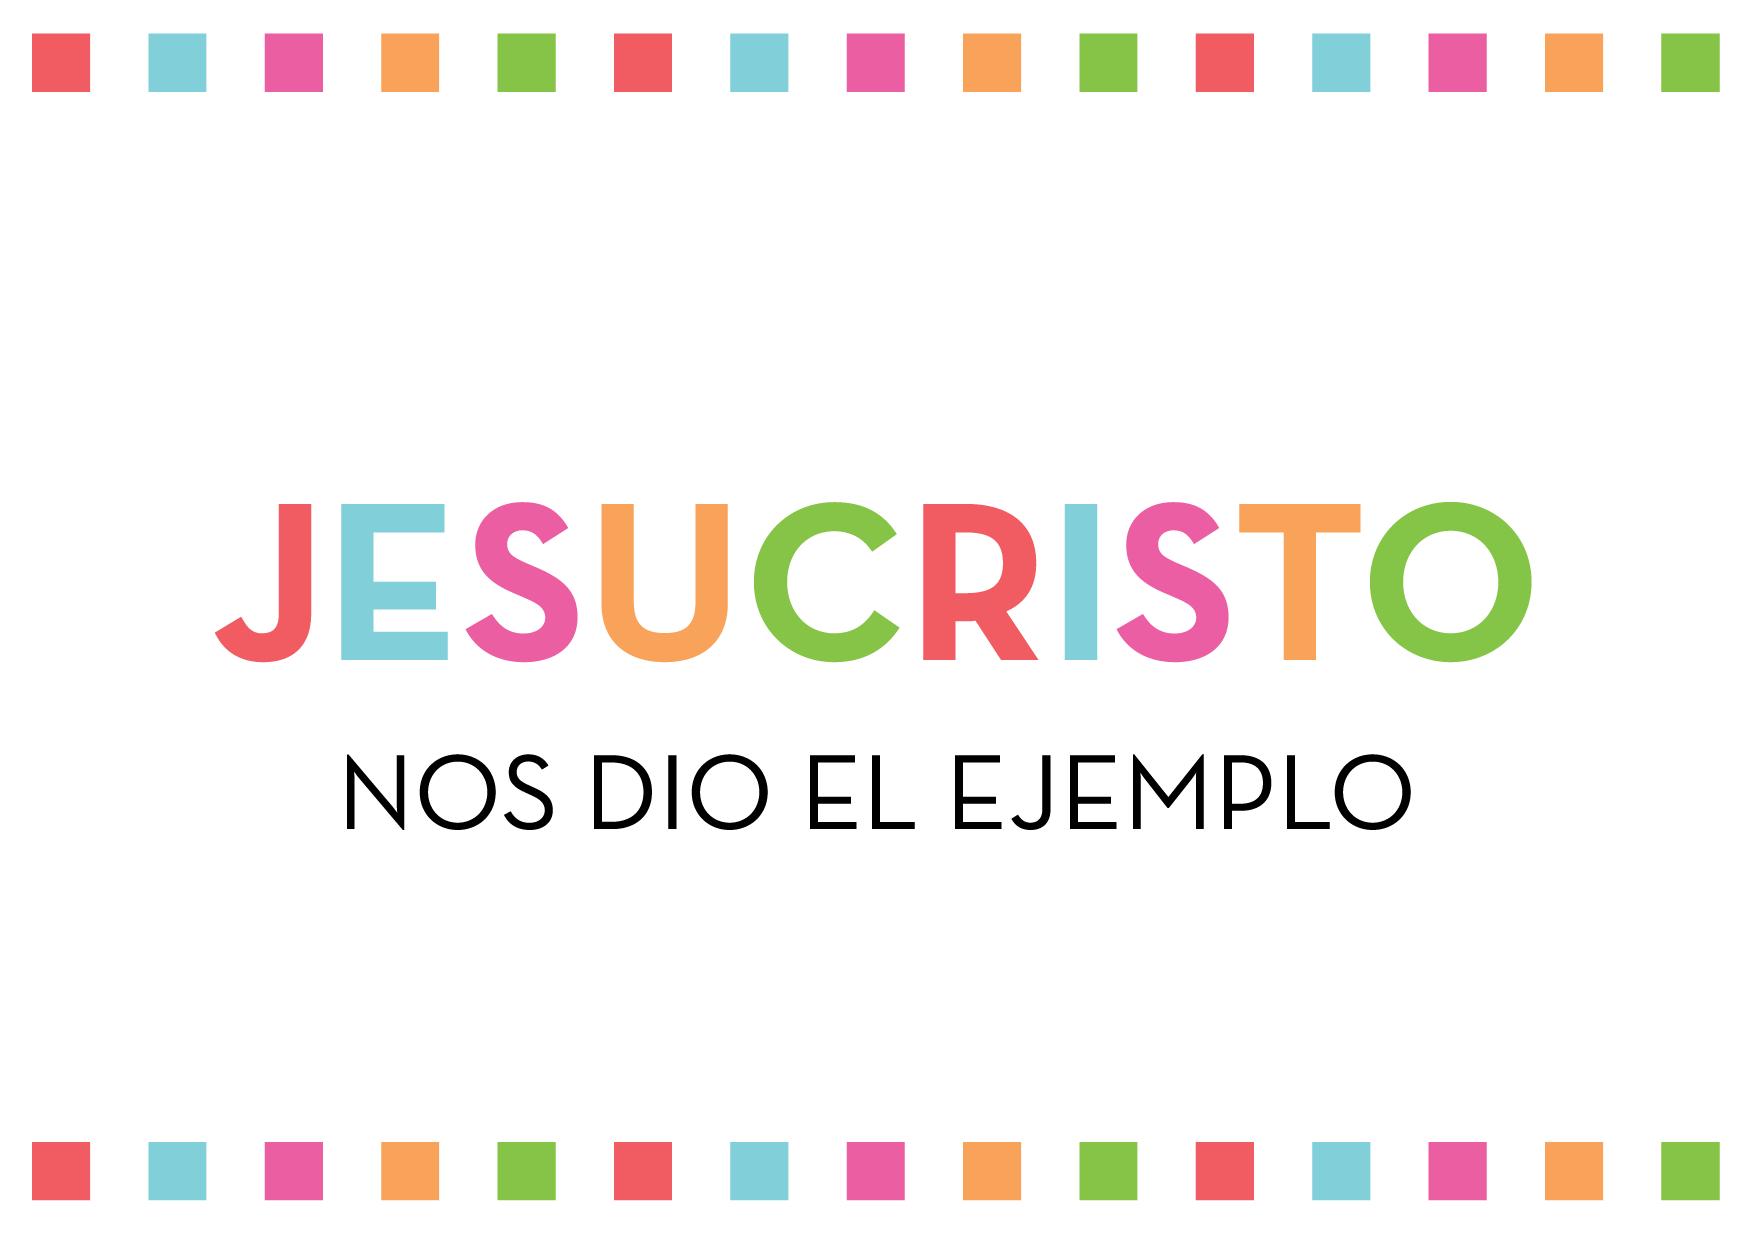 jesucristo-enseno-el-evangelio-y-nos-dio-el-ejemplo_ConexionSUD-04